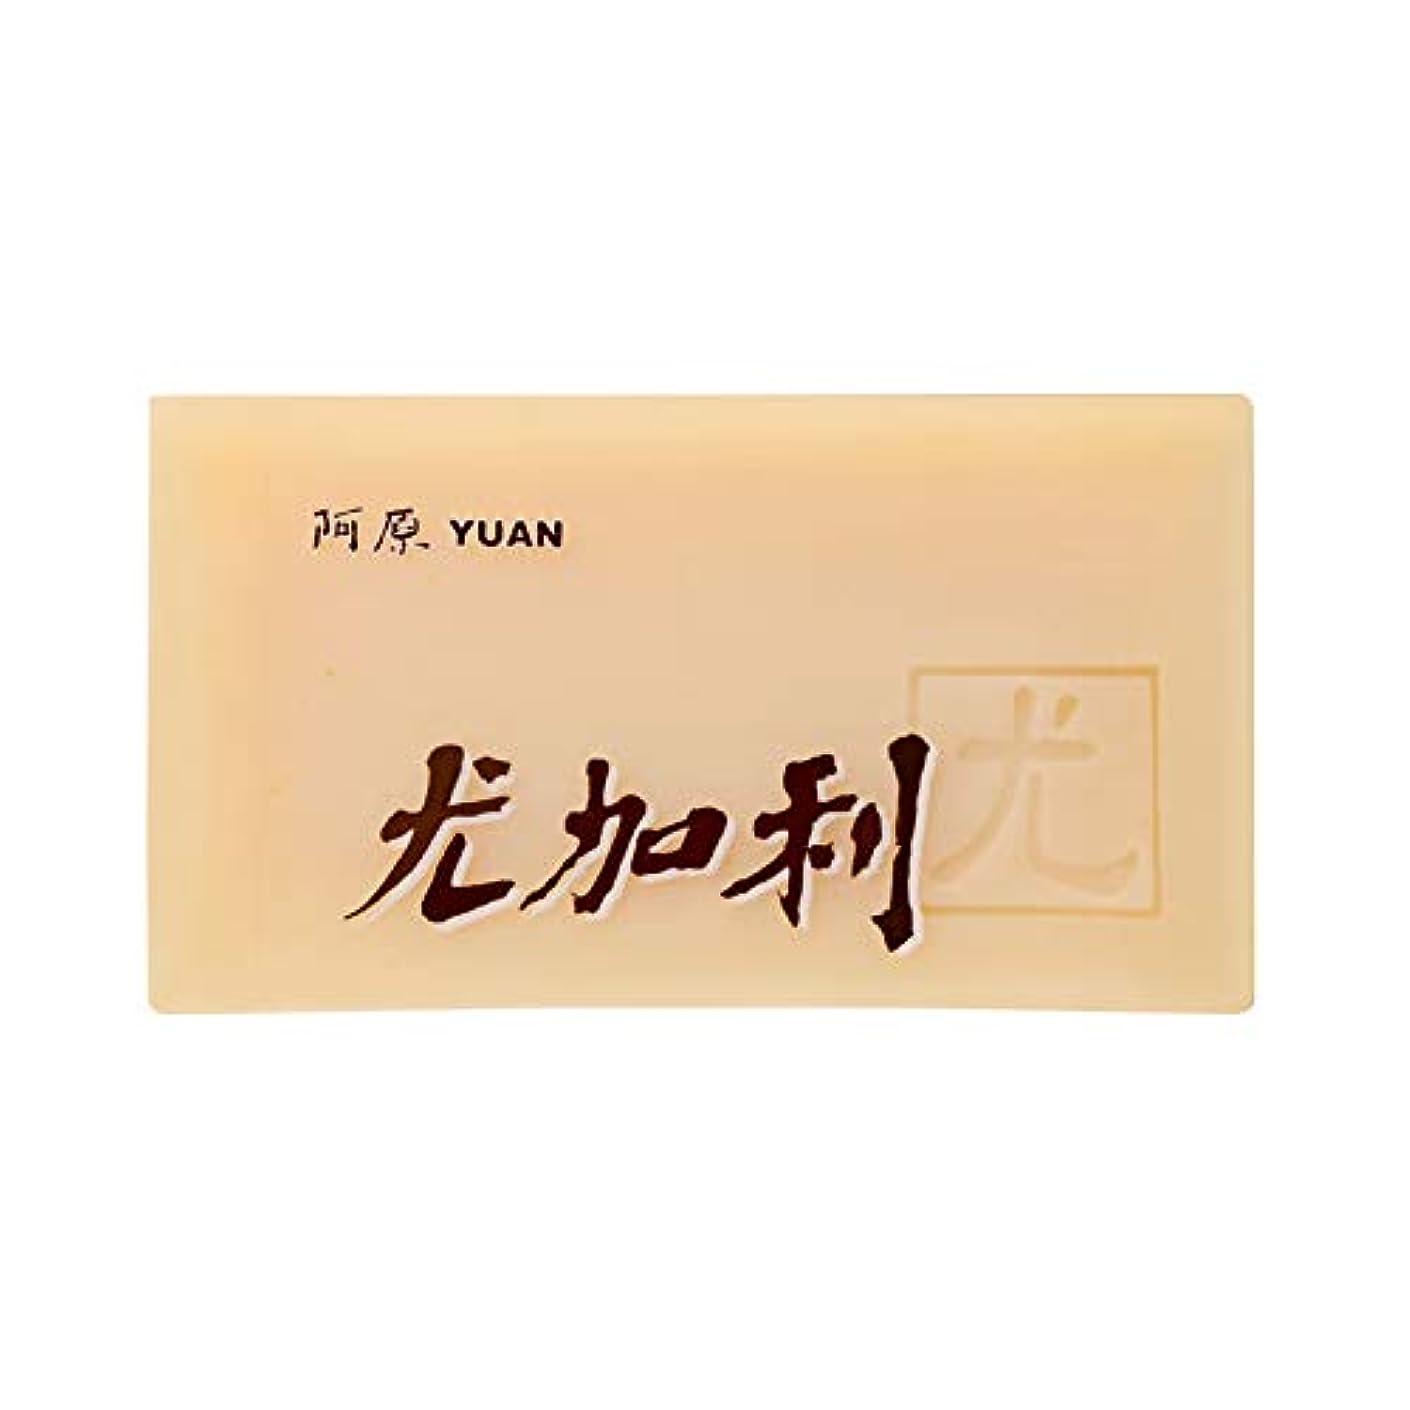 十分なリア王文明化ユアン(YUAN) ユアンソープ ユーカリソープ 100g (阿原 石けん 台湾コスメ)